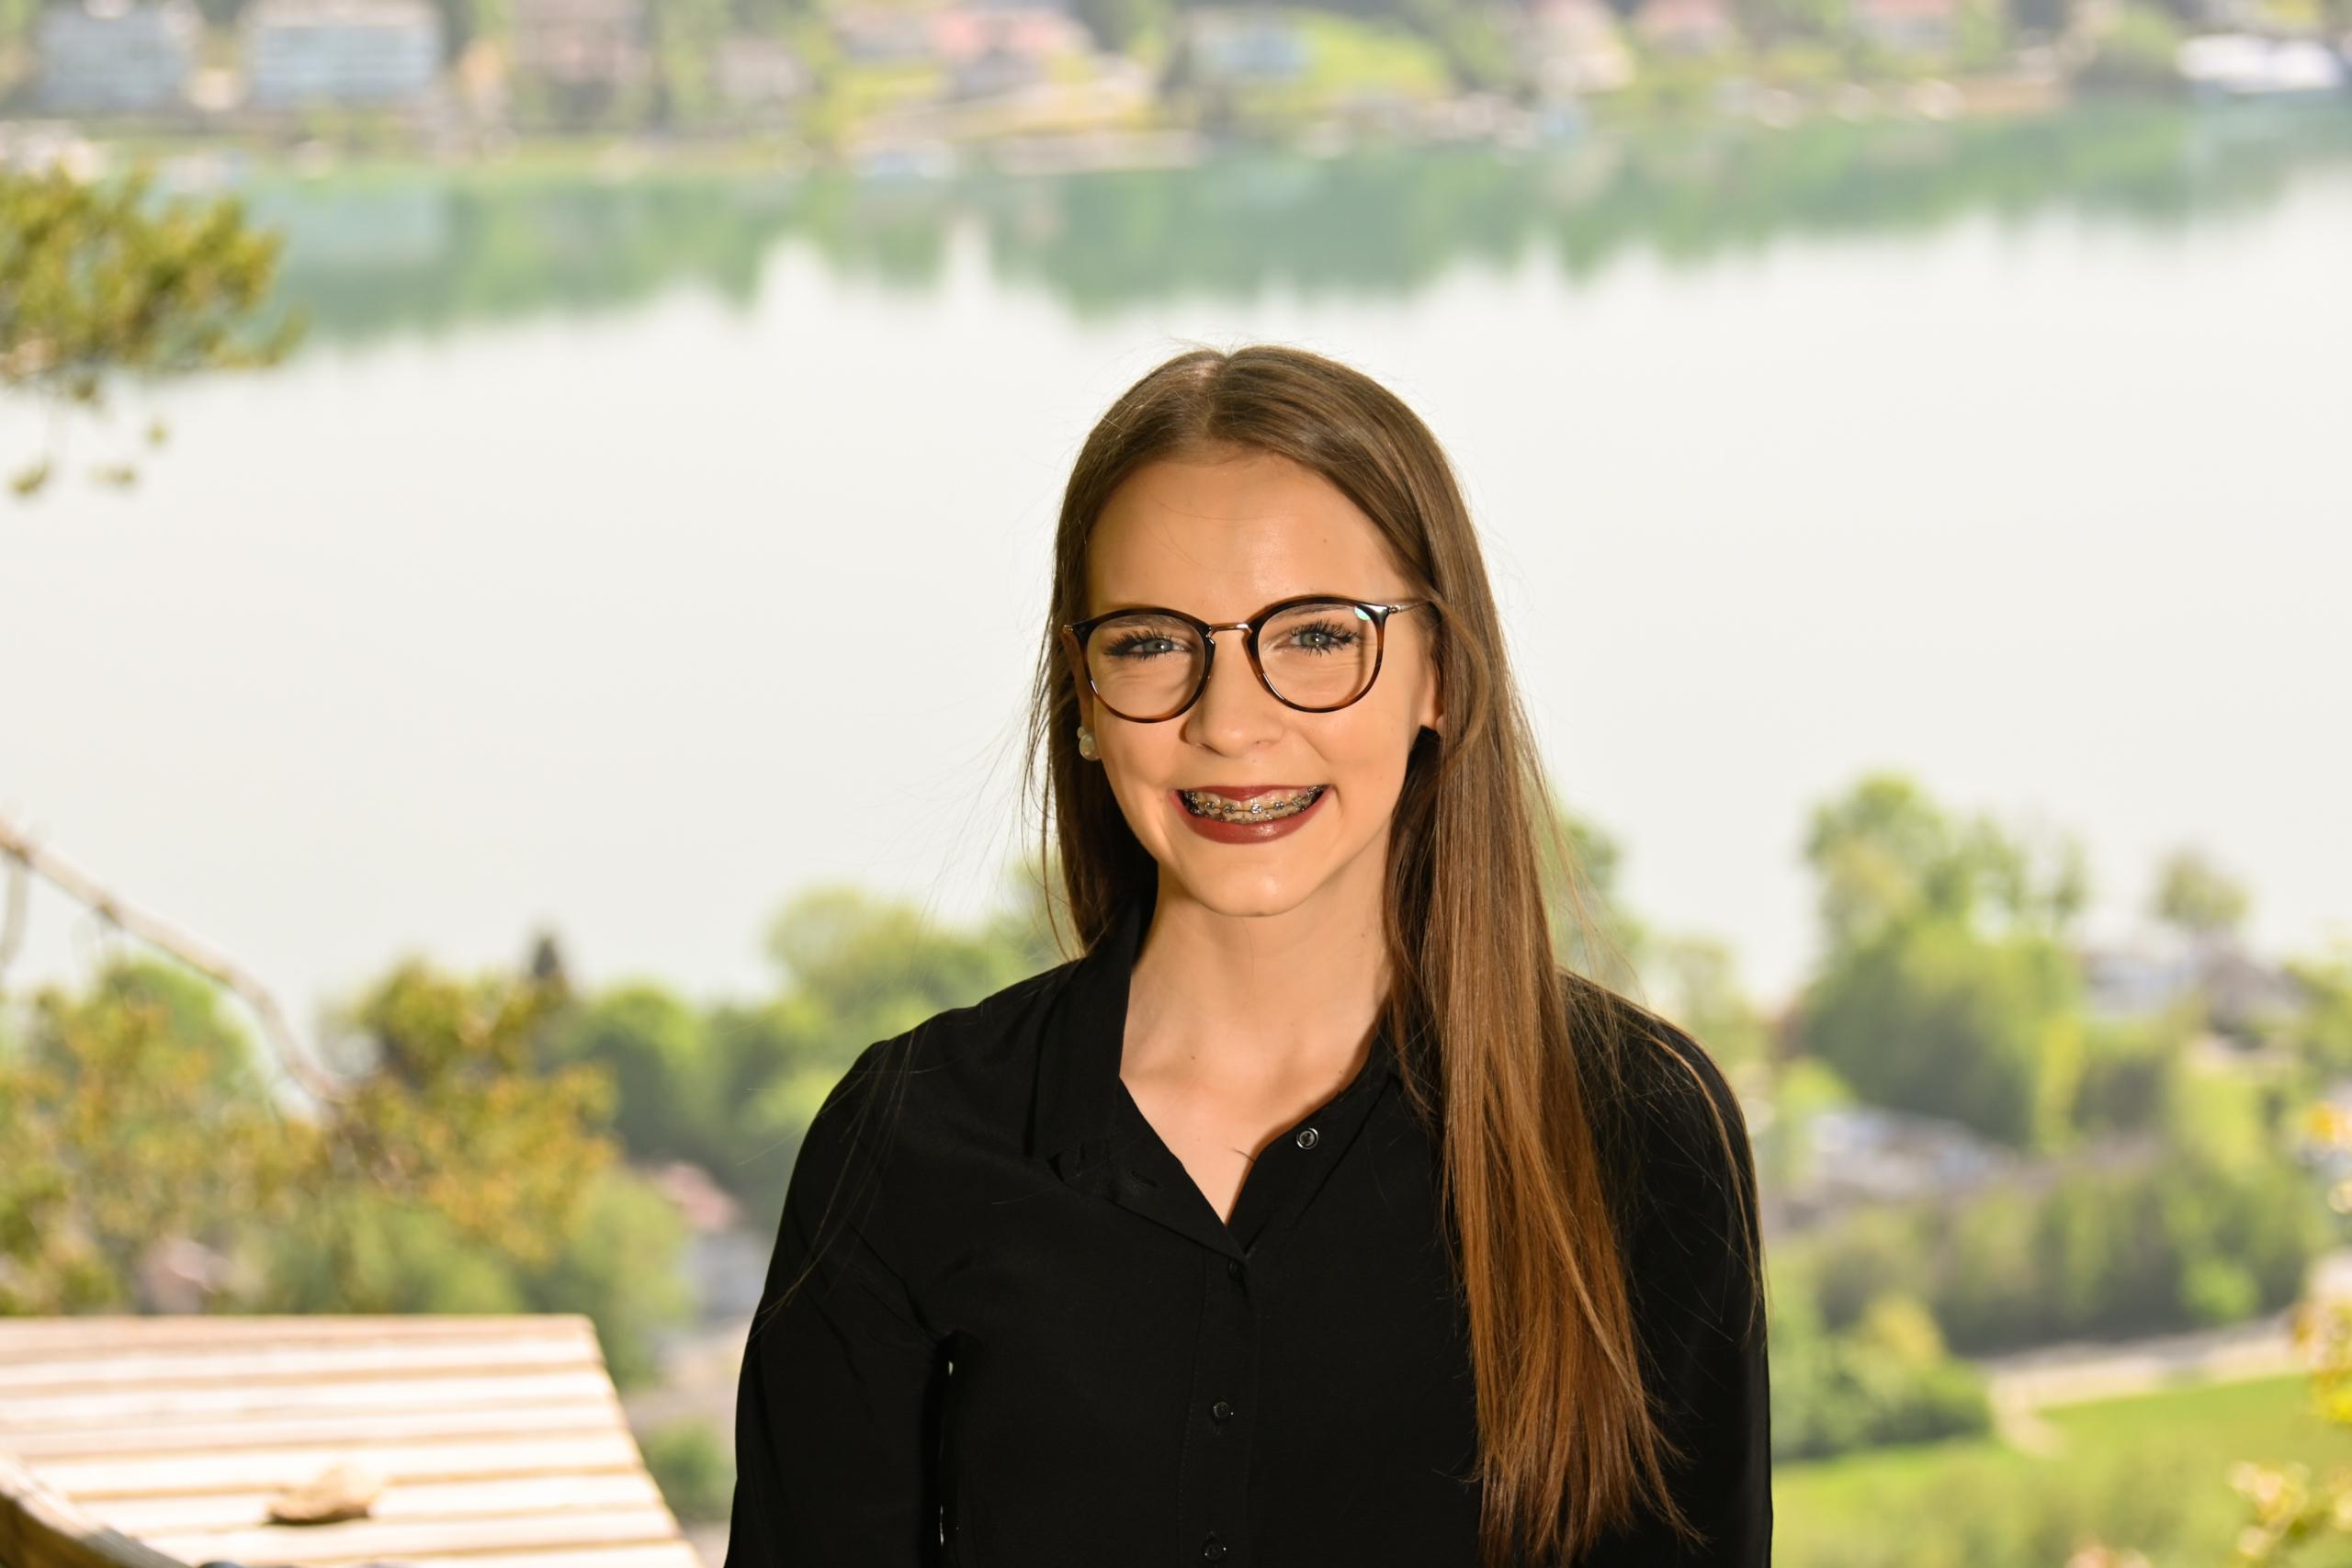 Selina Janesch